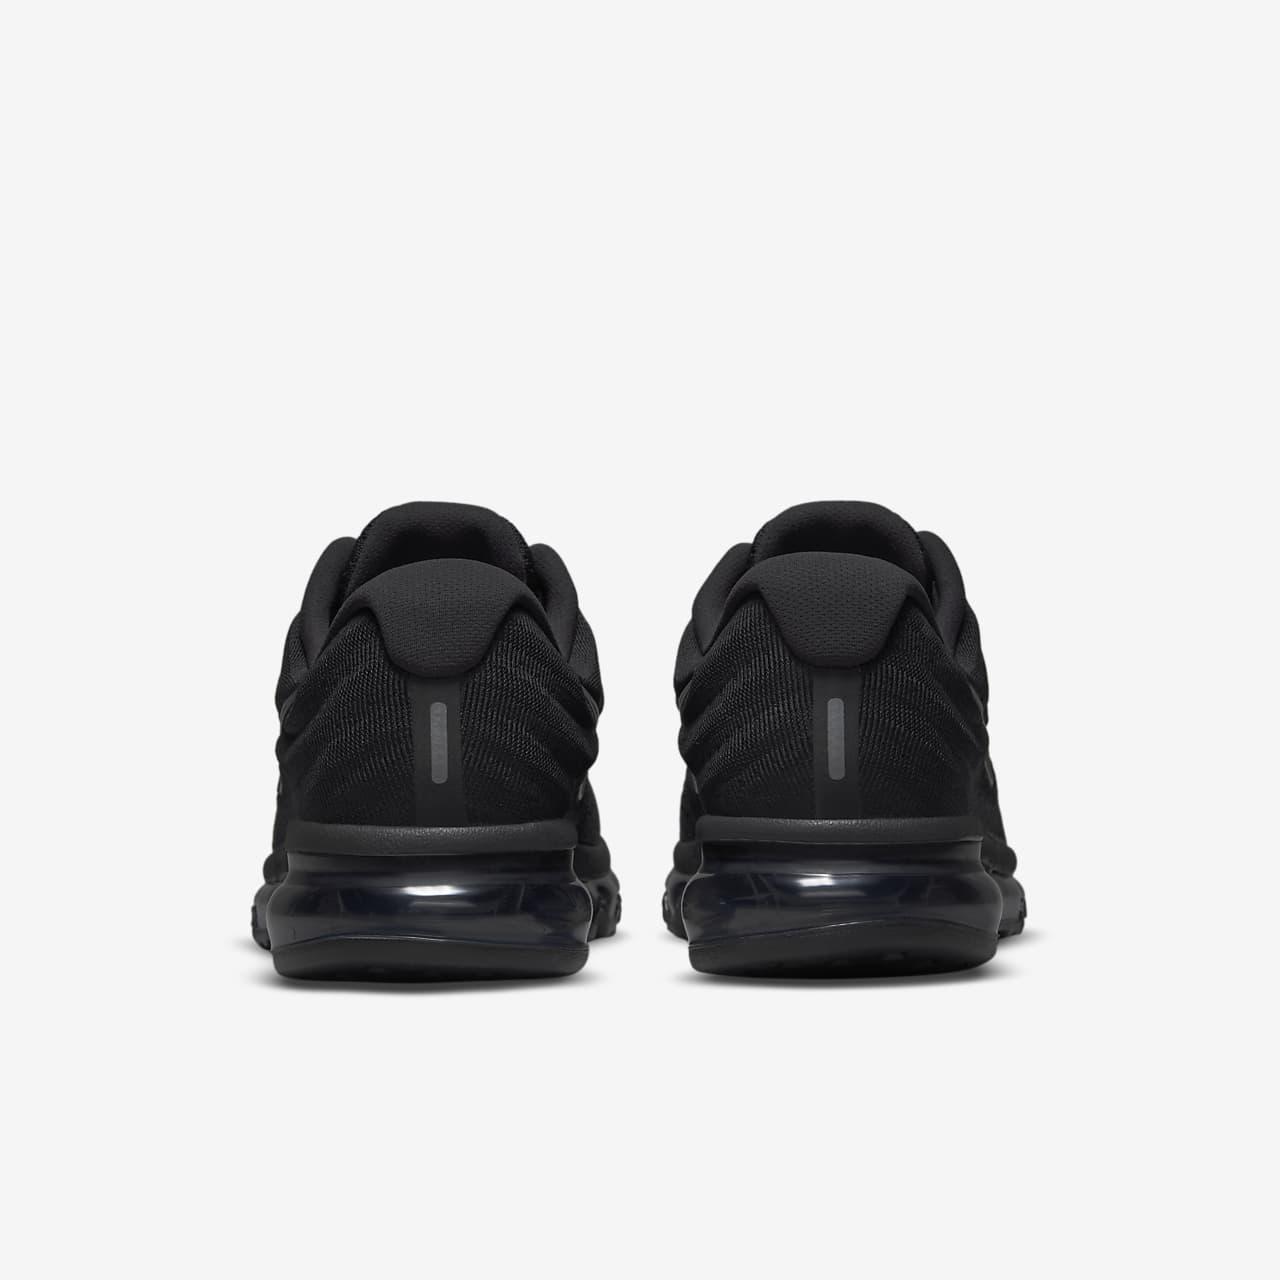 6ff7dff68ee83 Calzado para hombre Nike Air Max 2017. Nike.com MX